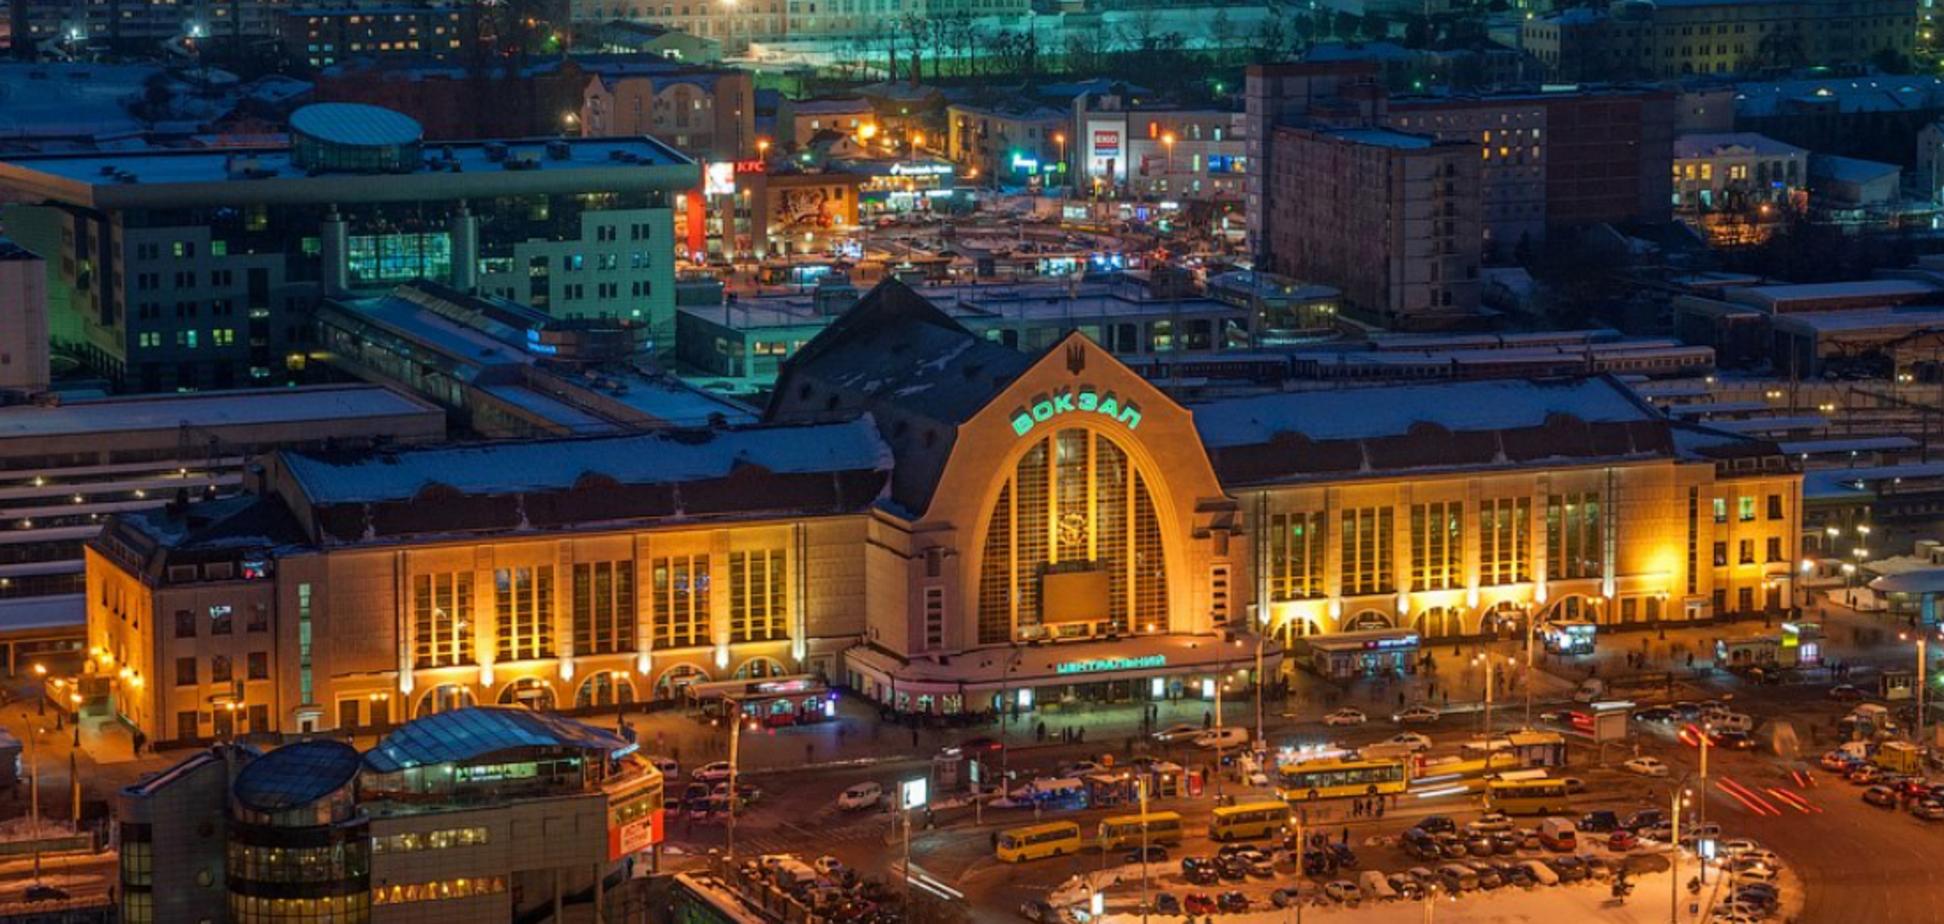 Железнодорожный вокзал Киева: от деревянного барака до памятника архитектуры. Фото